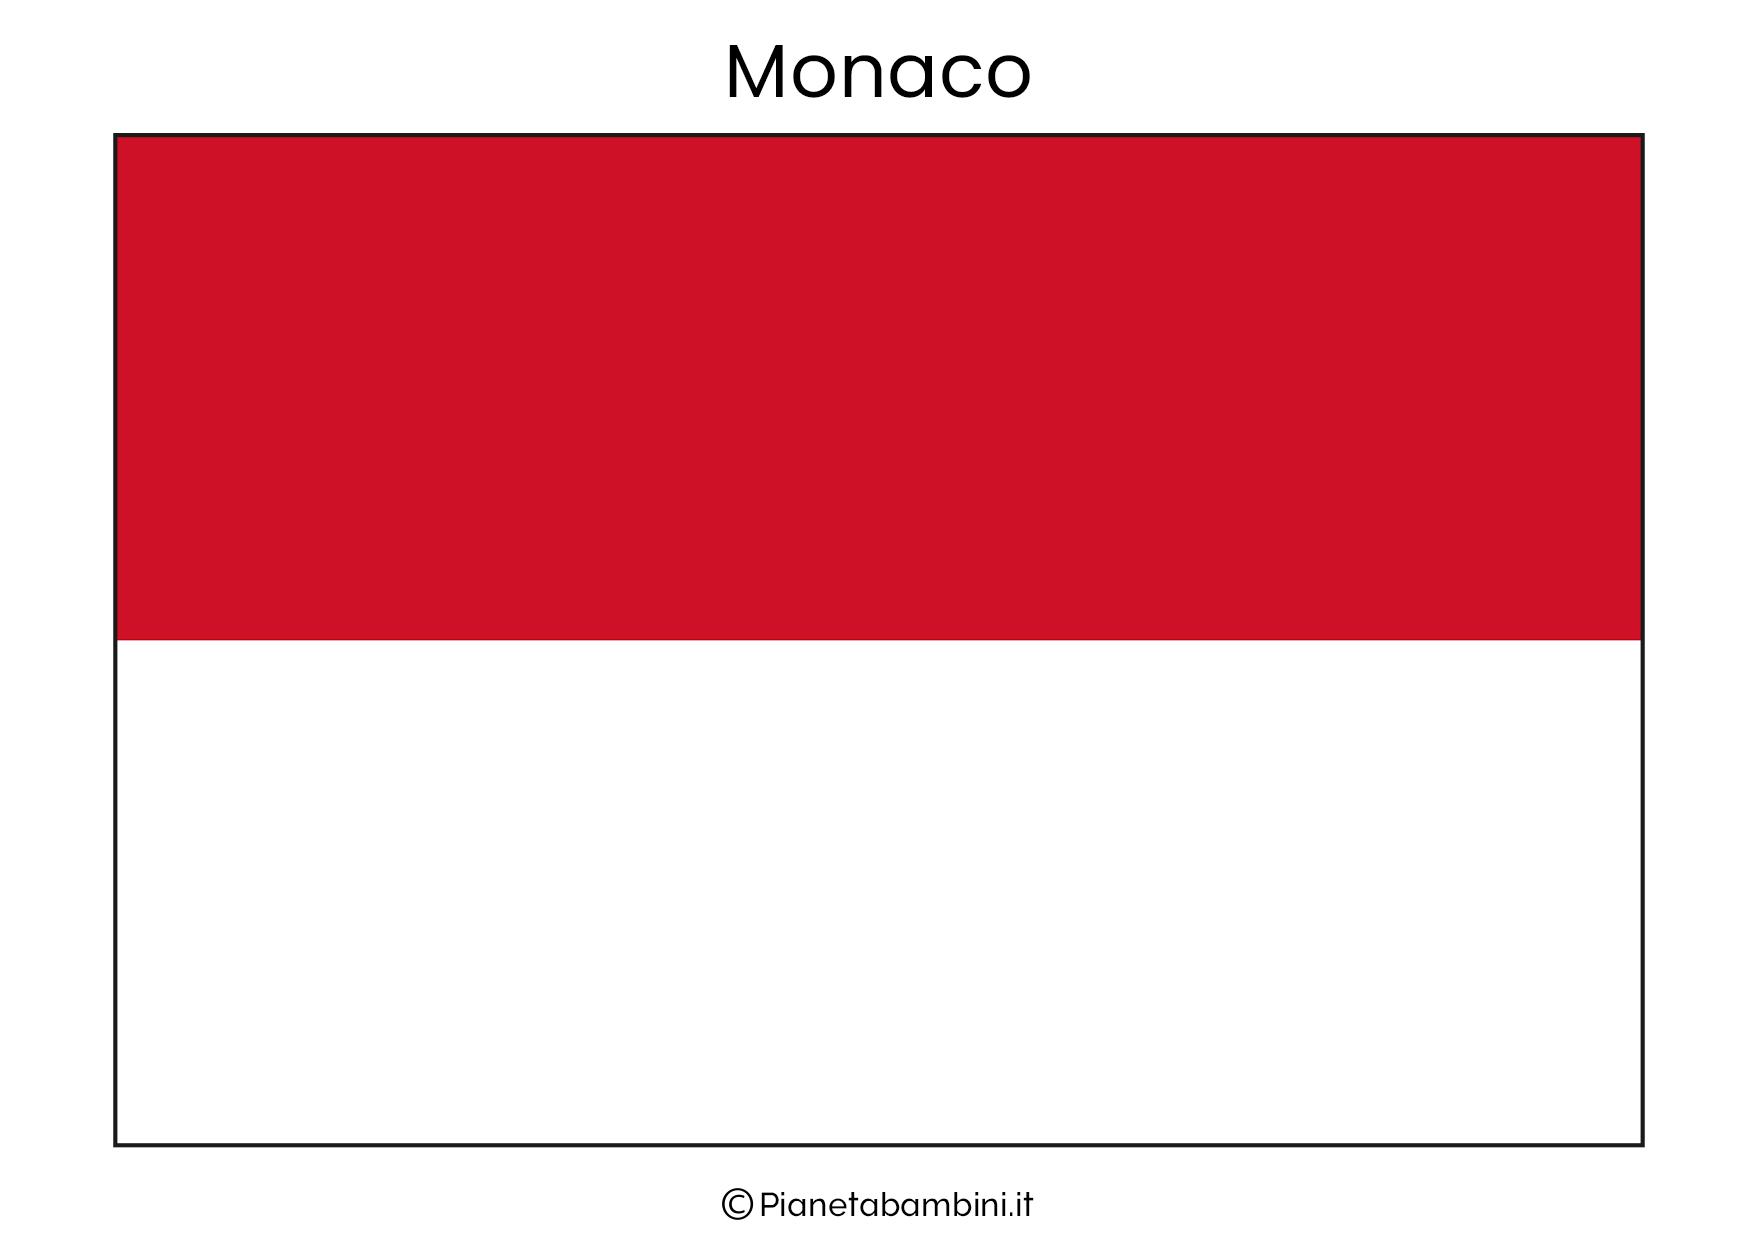 Bandiera di Monaco da stampare